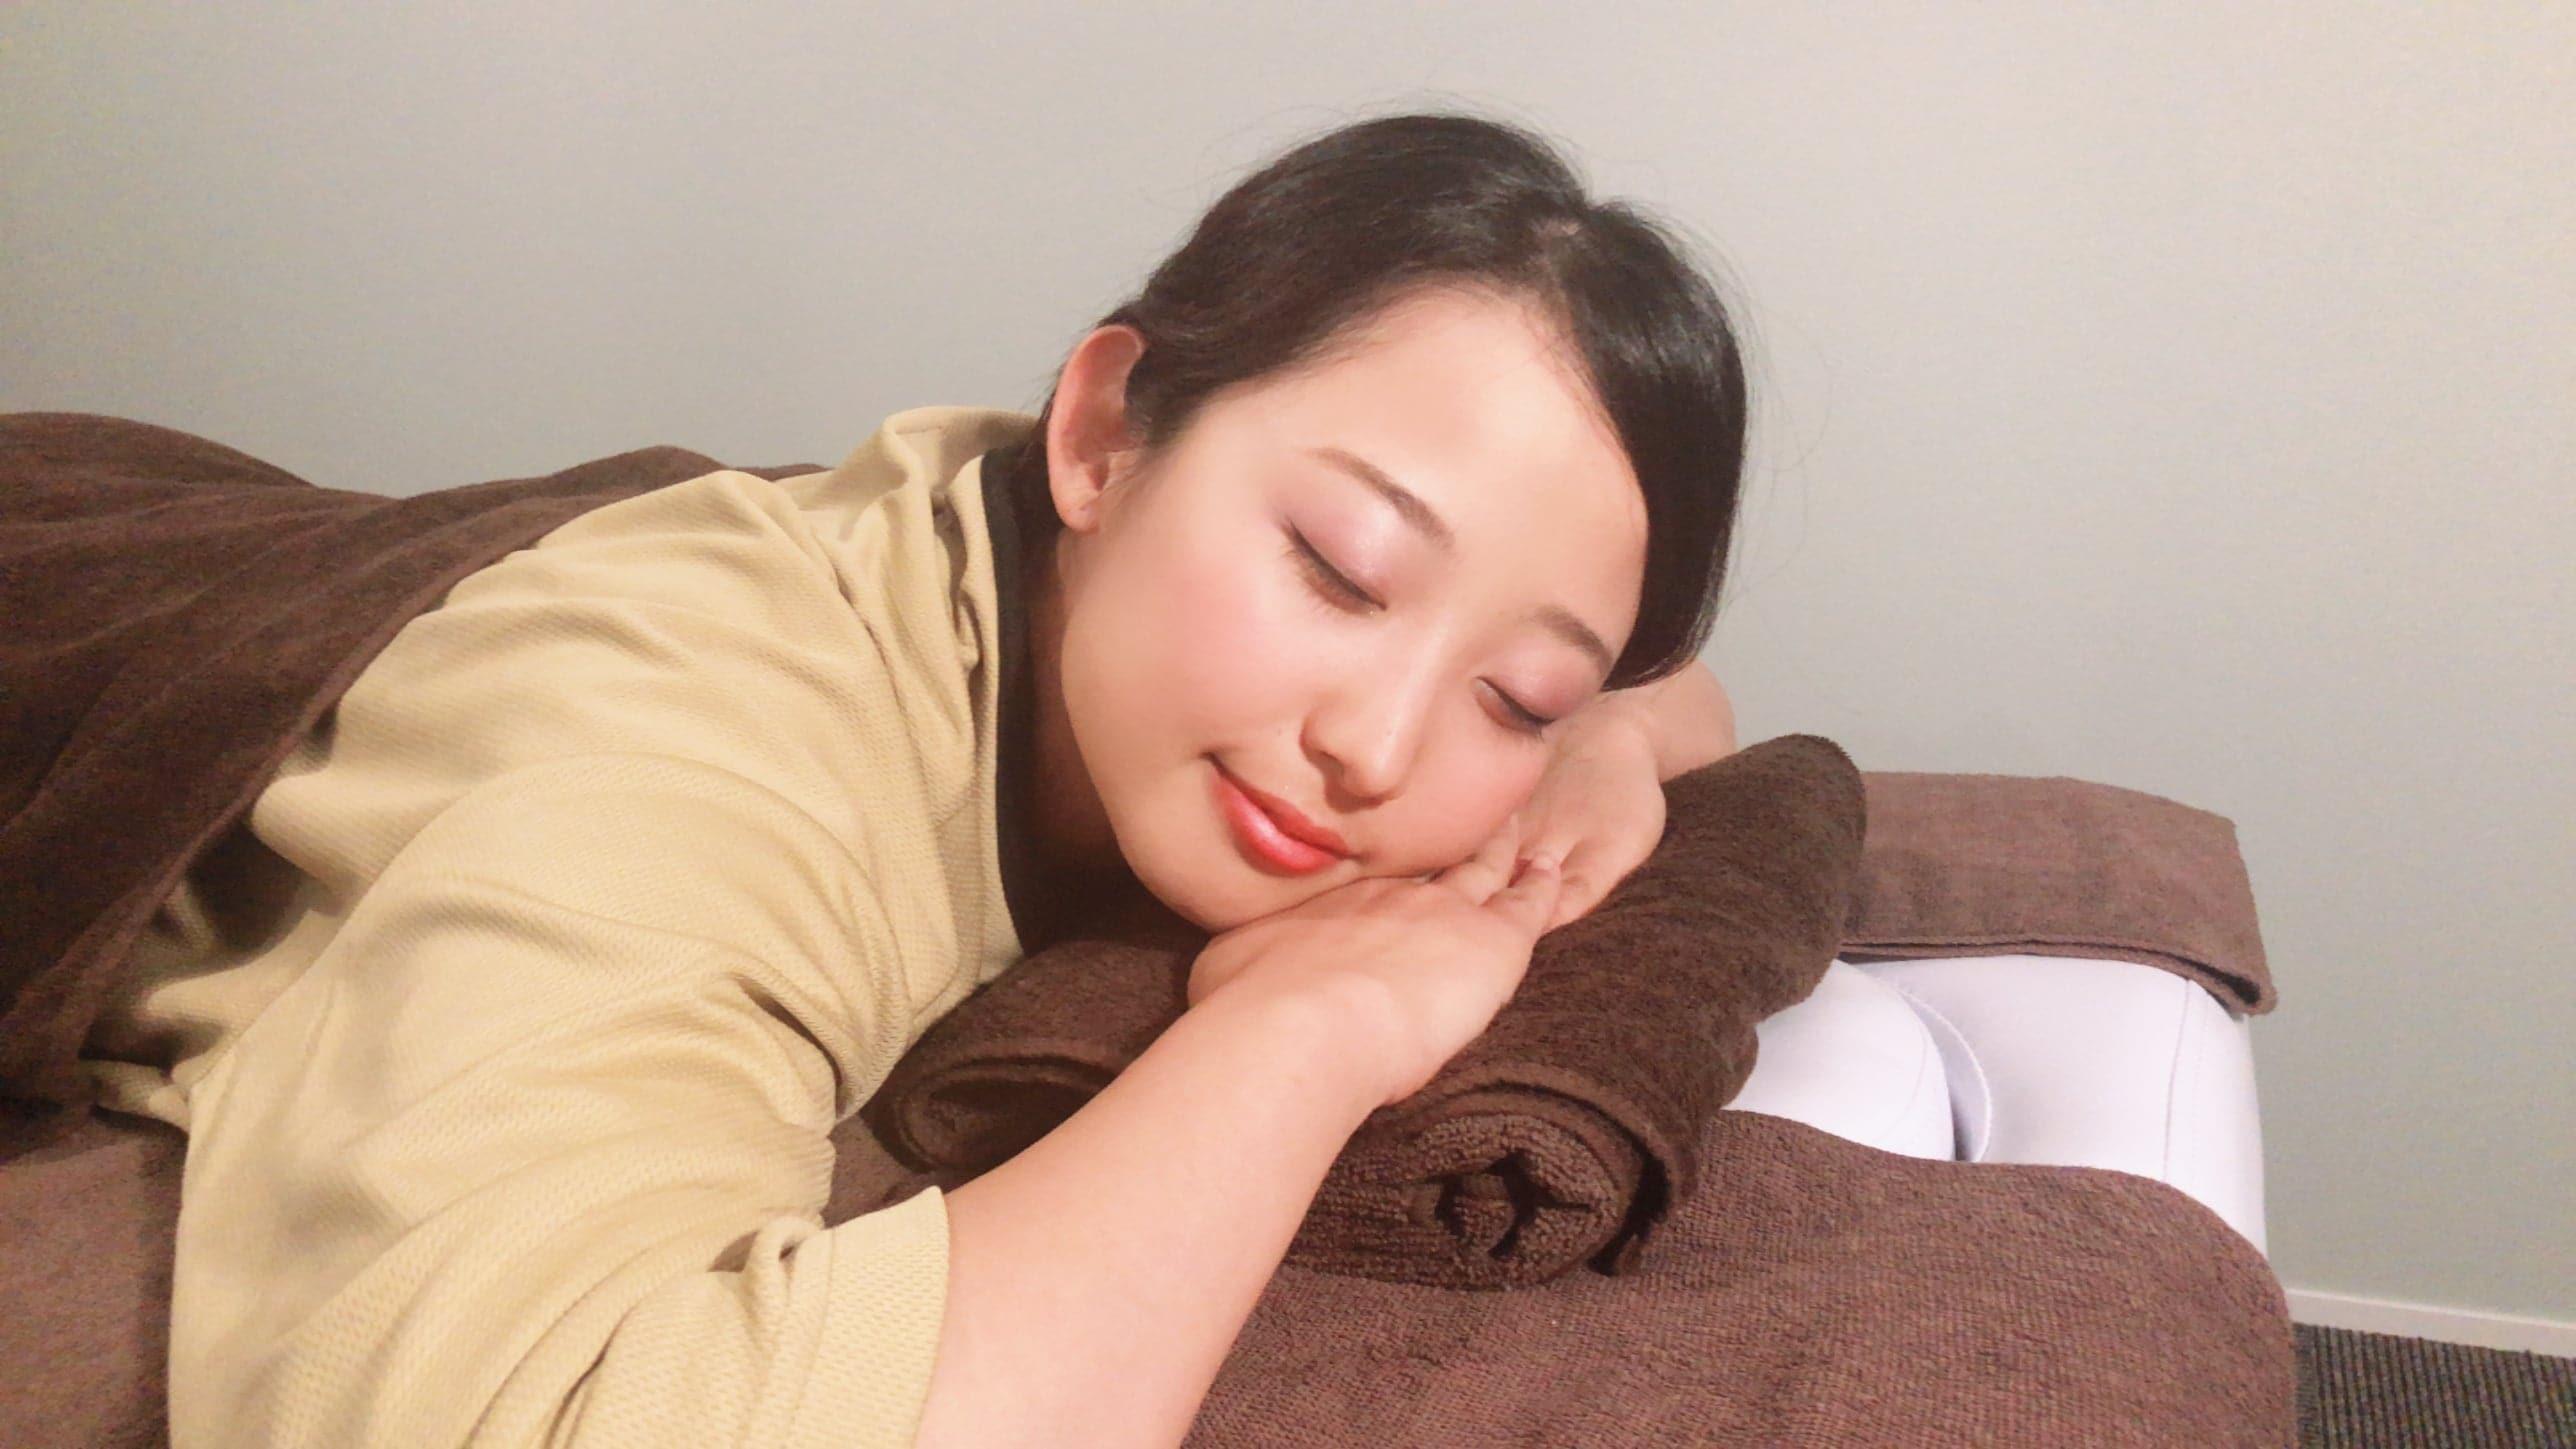 ボディケアコース40分【ツクツクチケット】のイメージその1